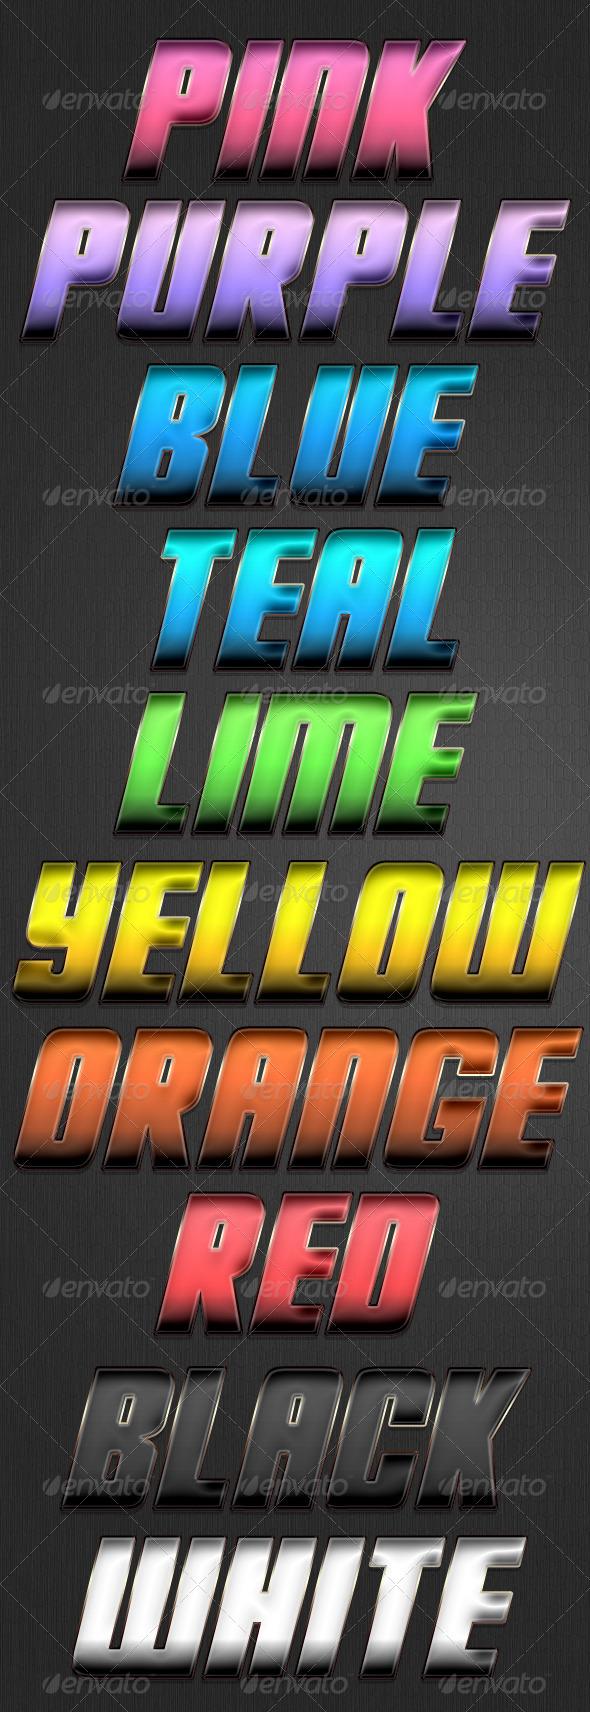 GraphicRiver Sun Spots Style 5920025